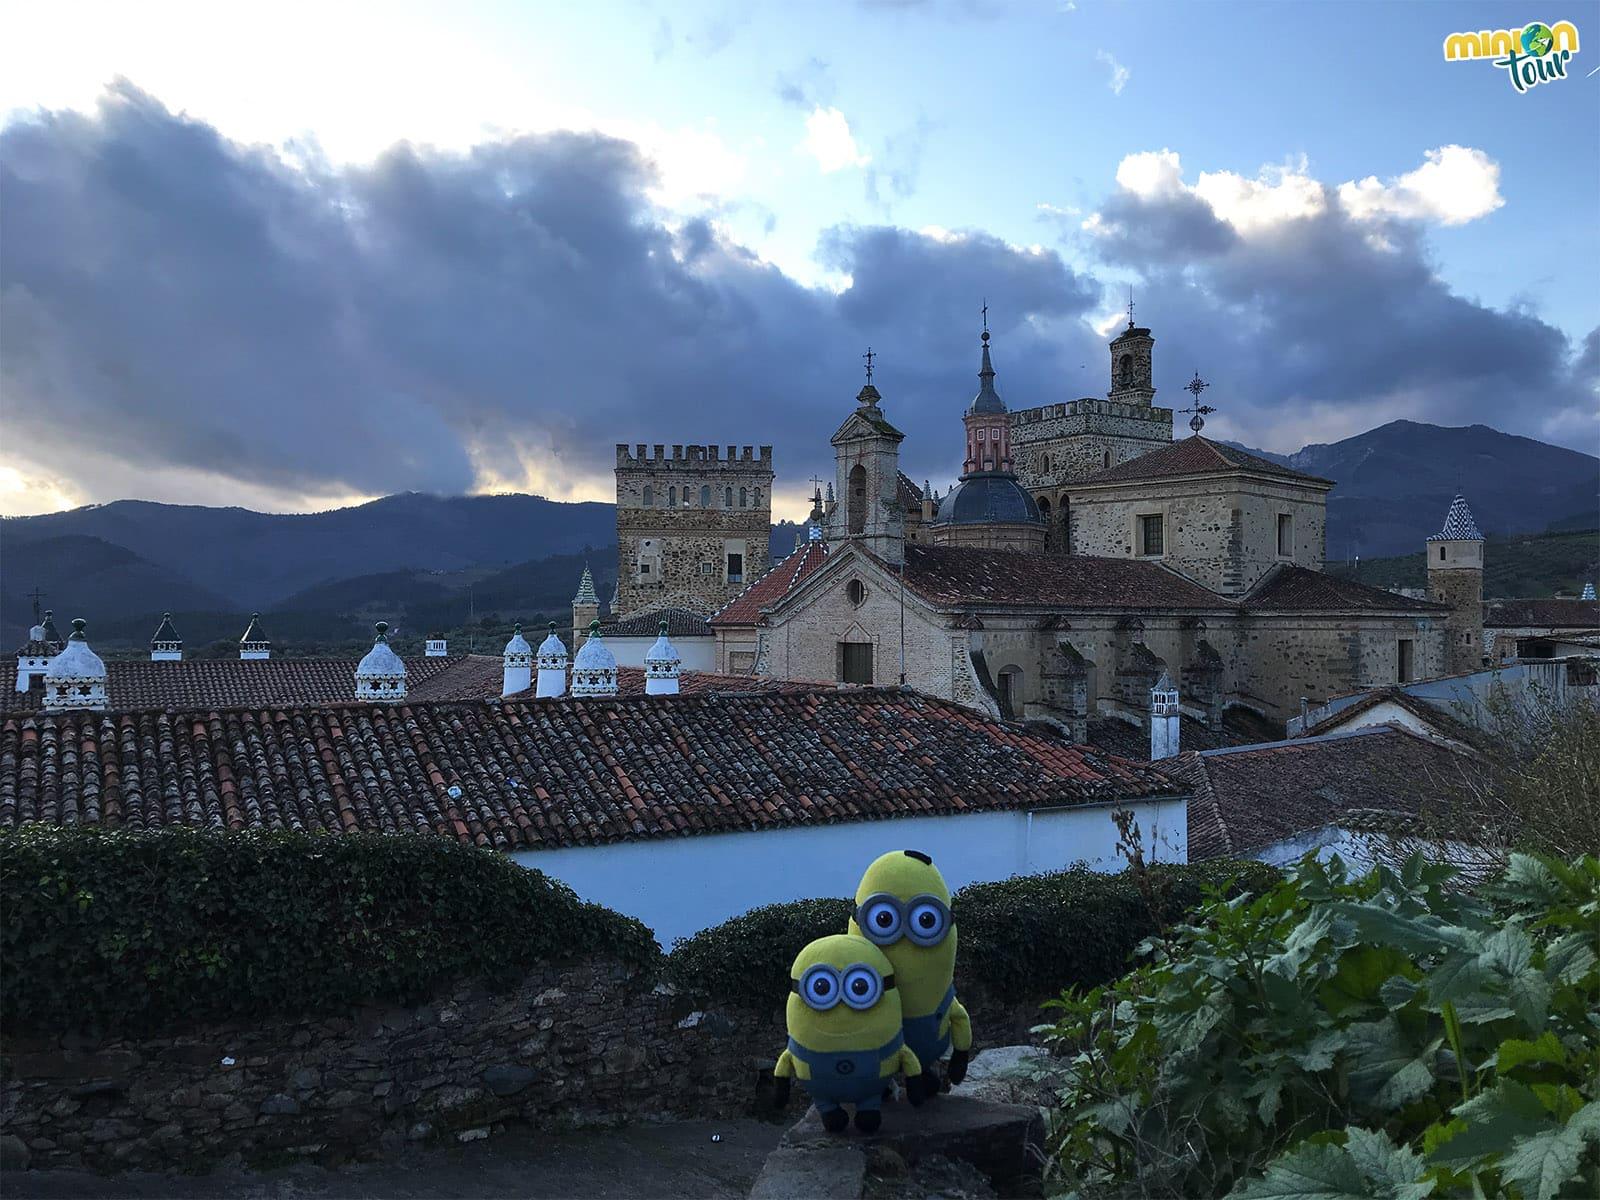 Monasterio de Guadalupe, la casa de la Virgen de Guadalupe